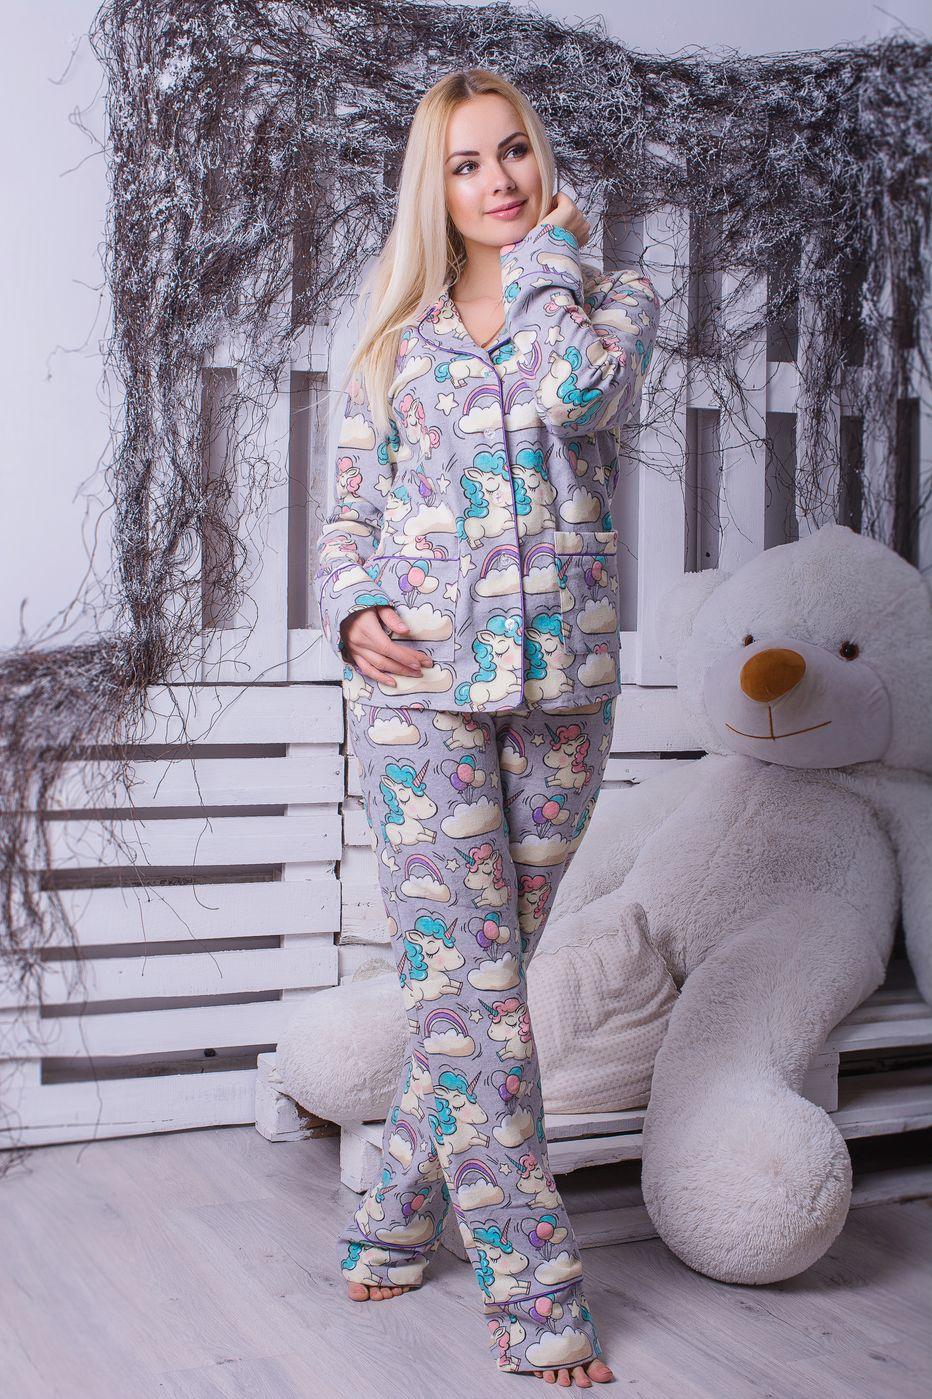 Пижама фланелевая MiaNaGreen П306 Единороги на сером - купить в ... 7c513d327fd0f